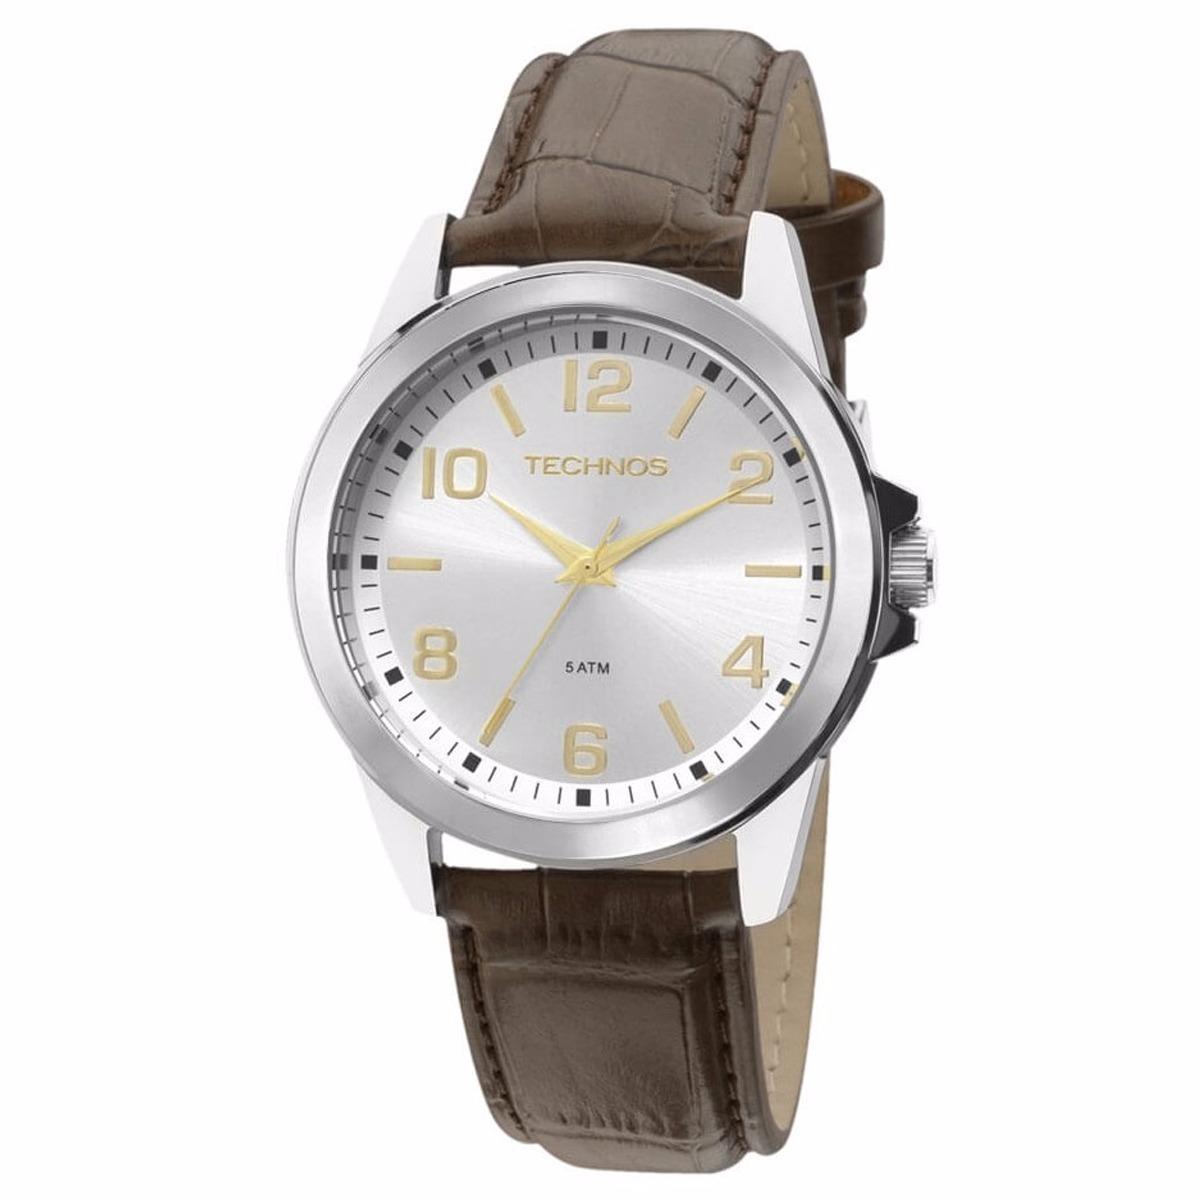 f731fb8f3fa relógio technos masculino pulseira de couro 2035mdg oferta. Carregando zoom.